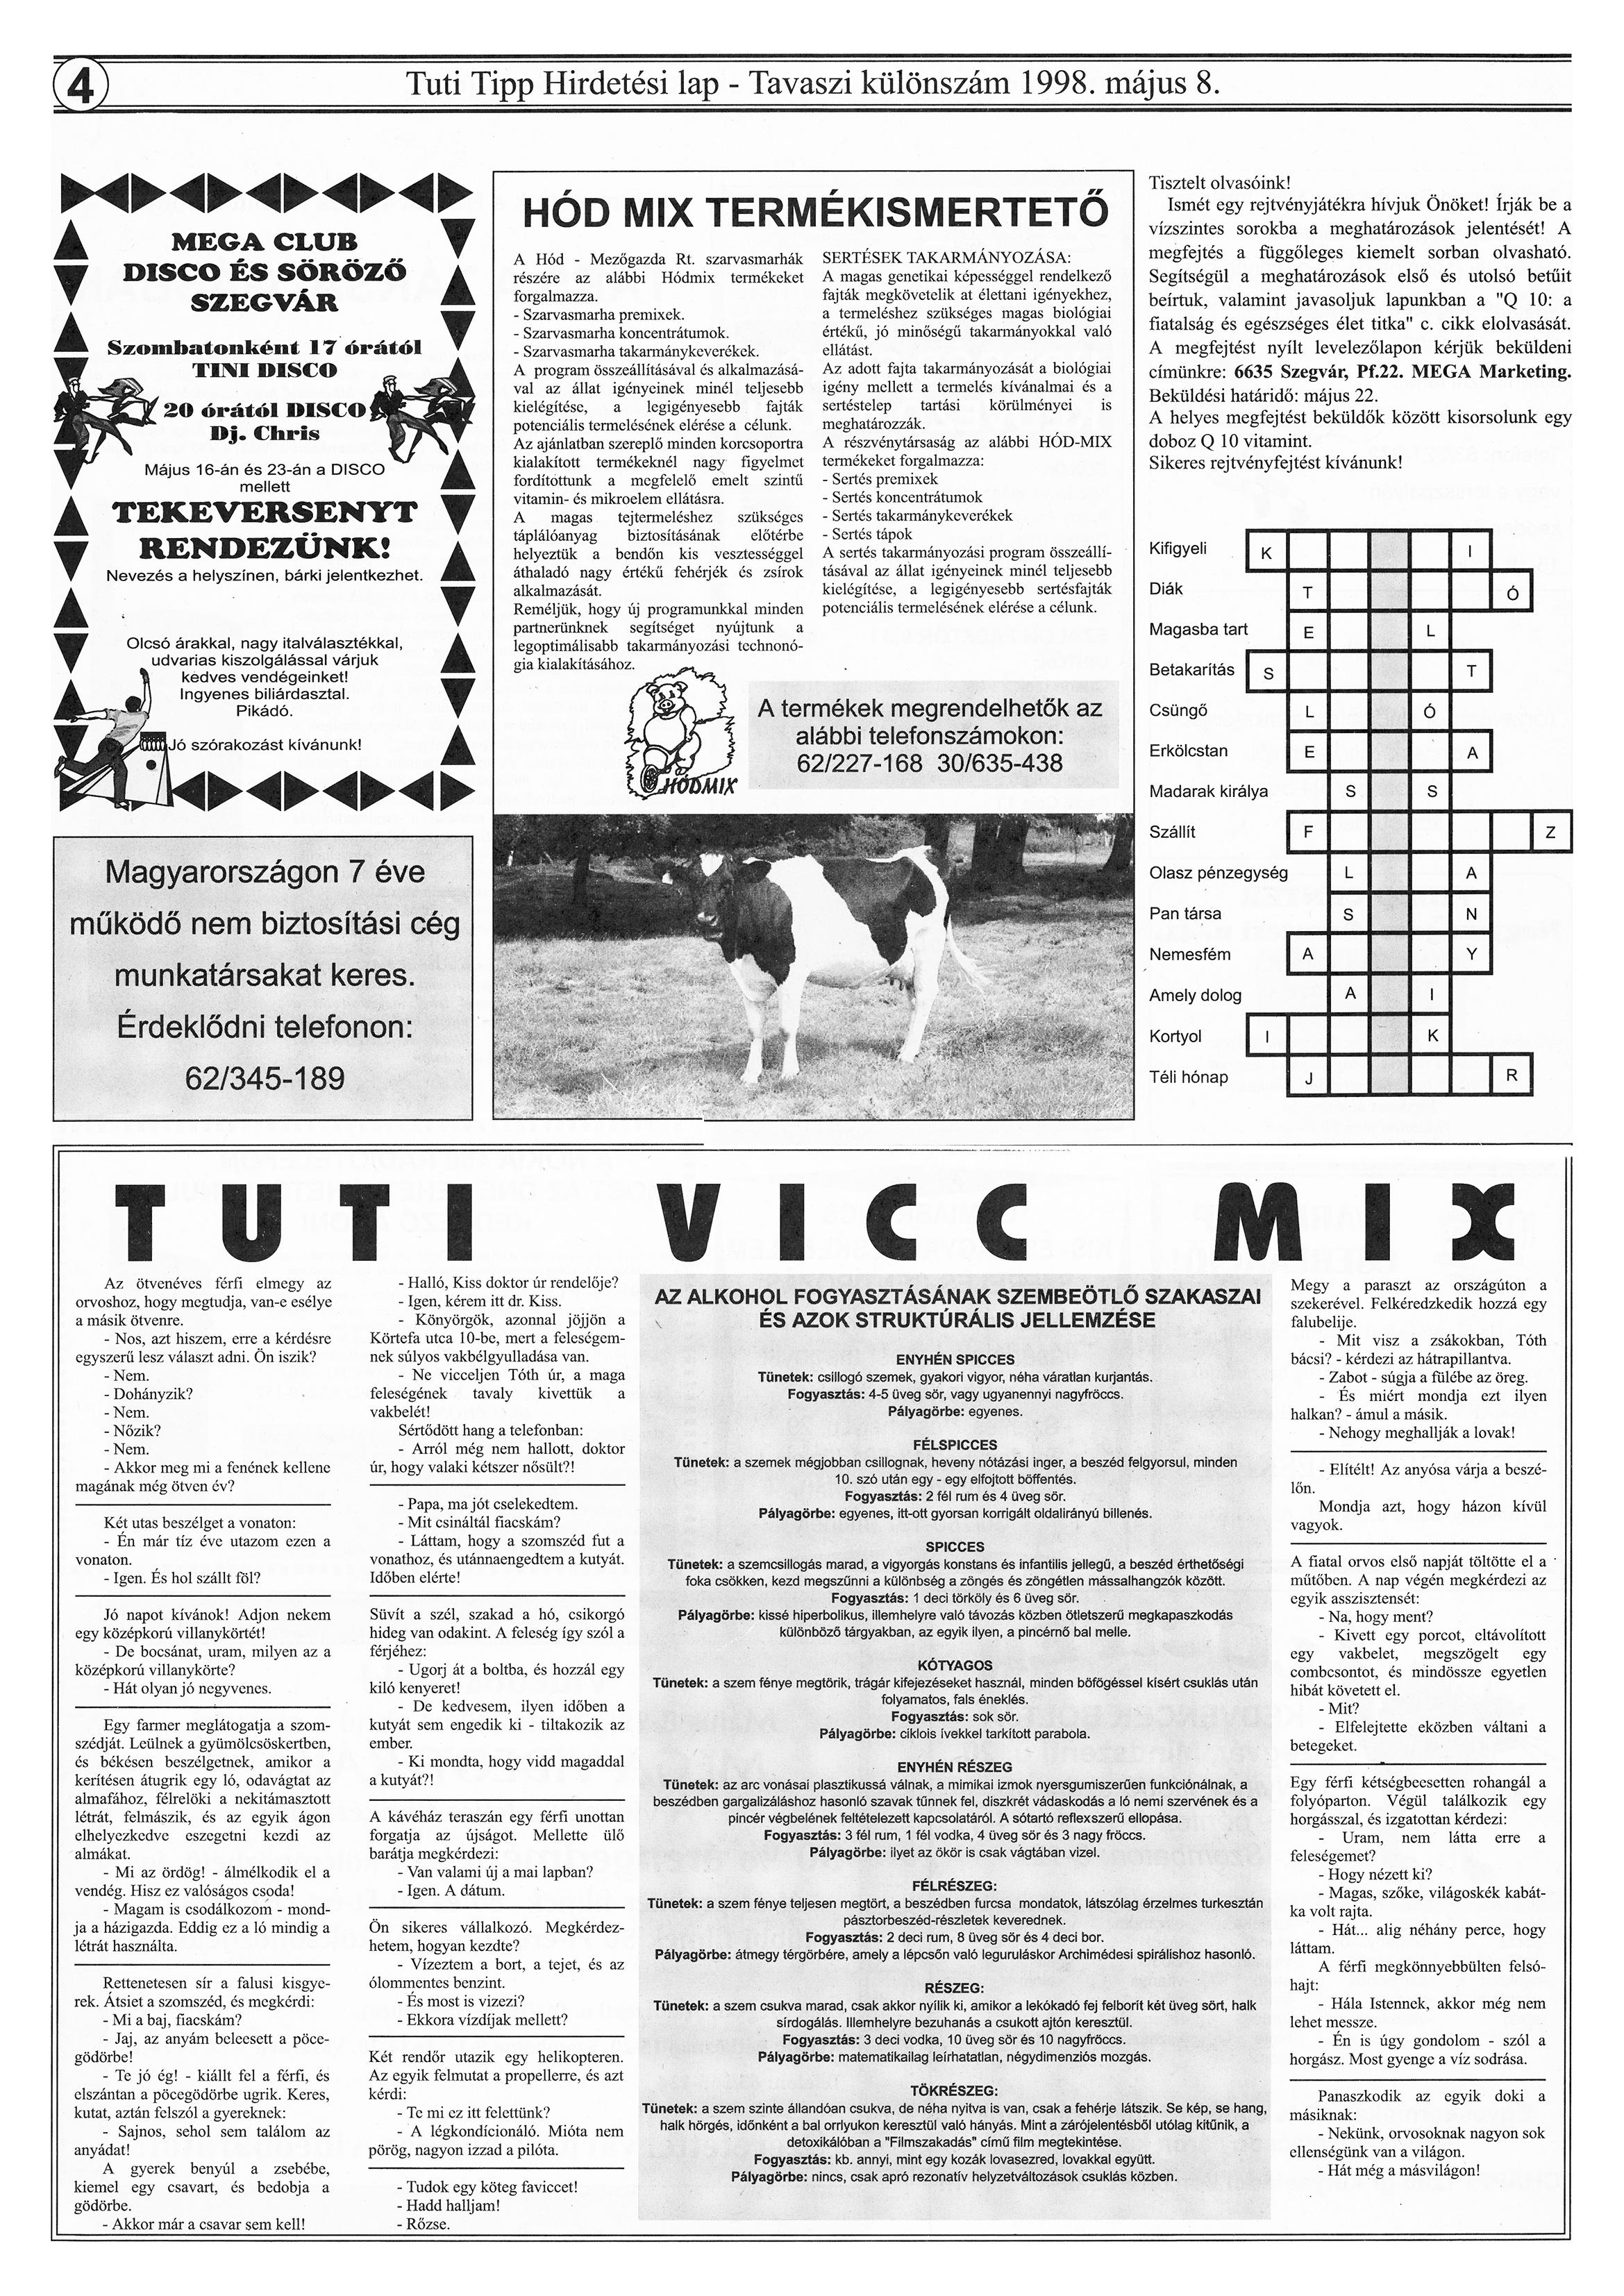 018 Tuti Tipp reklámújság különszám - 19980508-085. lapszám - 4.oldal - IV. évfolyam.jpg